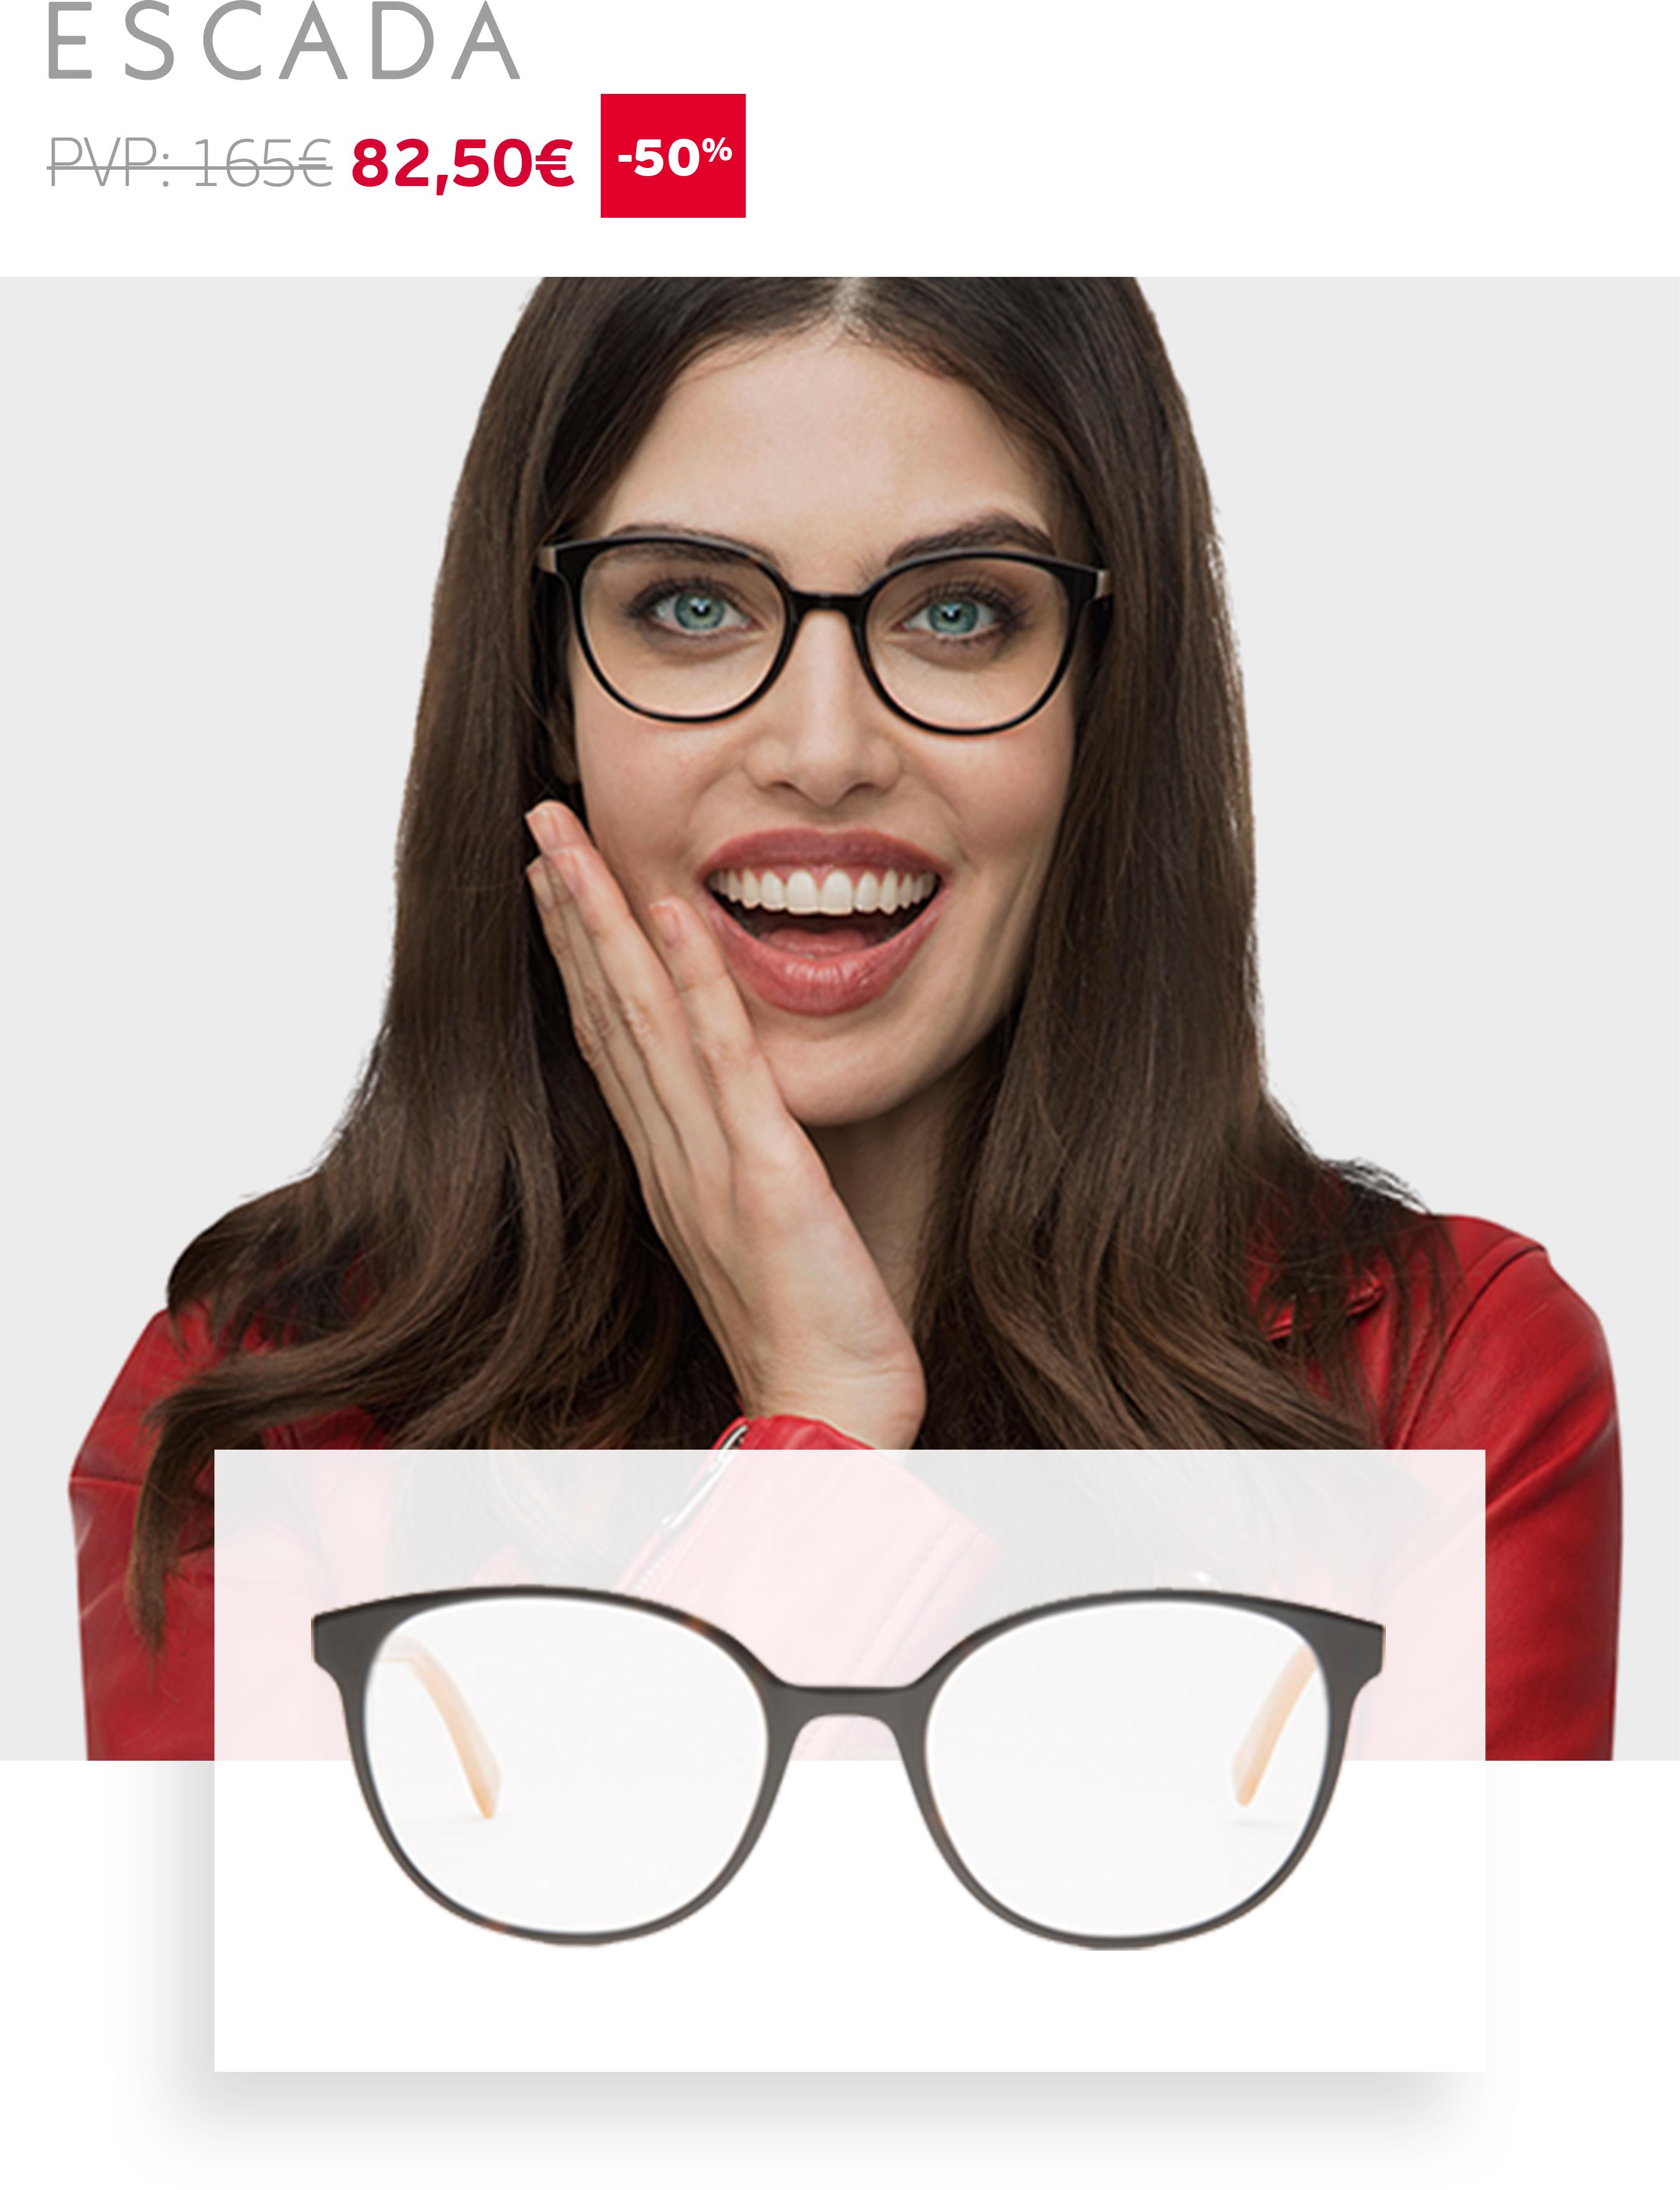 79f1d136bcd81 Óculos de marca à tua espera! Acede agora ao nosso catálogo online.